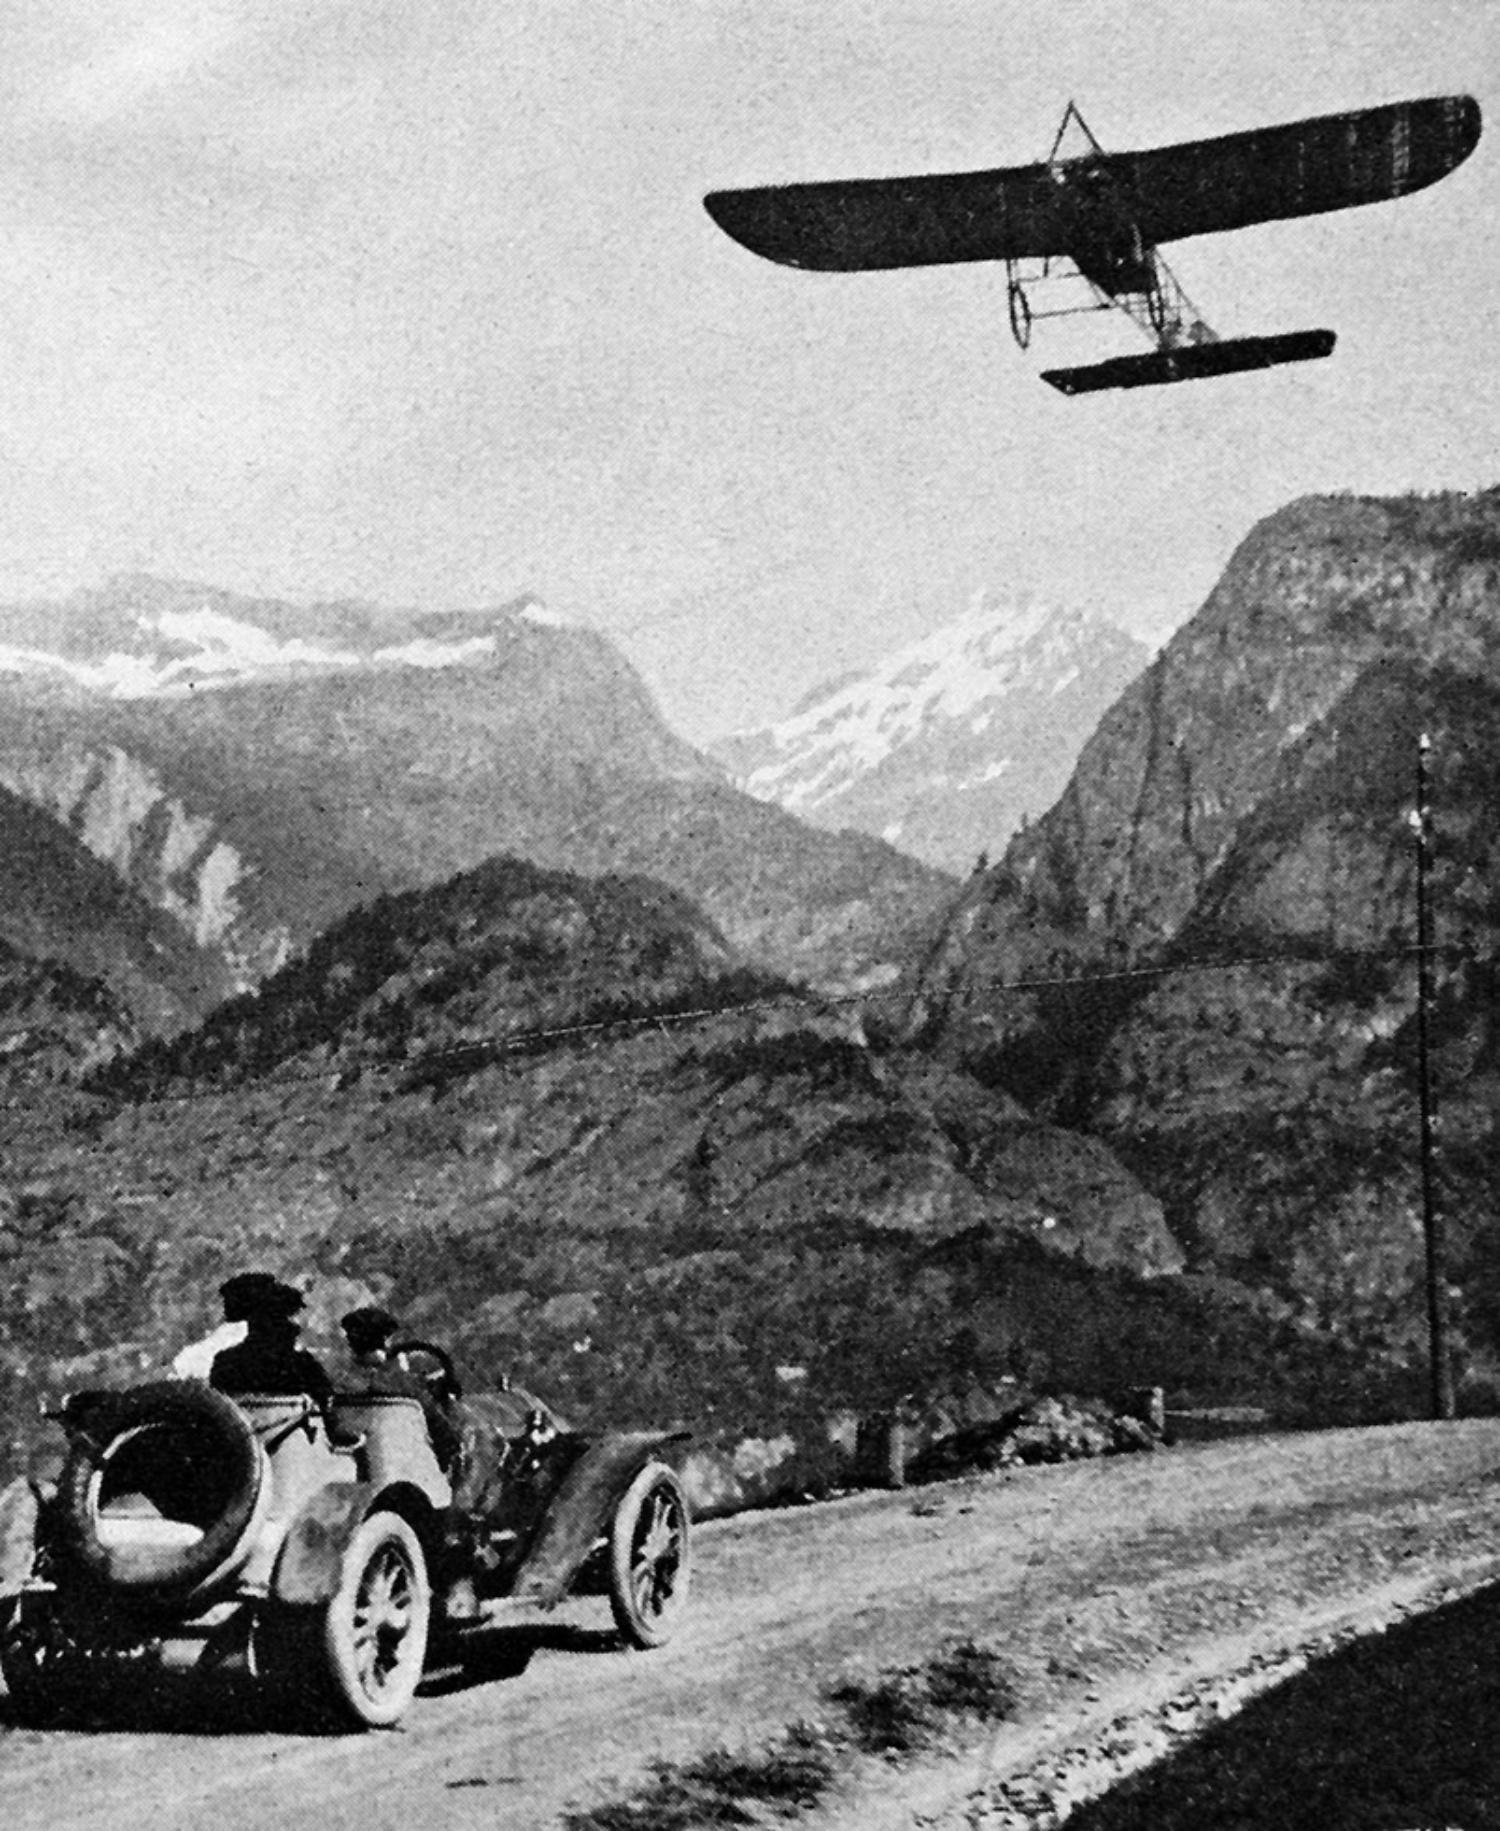 Das epochemachende Ereignis: Chavez  auf dem Luftweg über  der napoleonischen  Simplonstrasse.